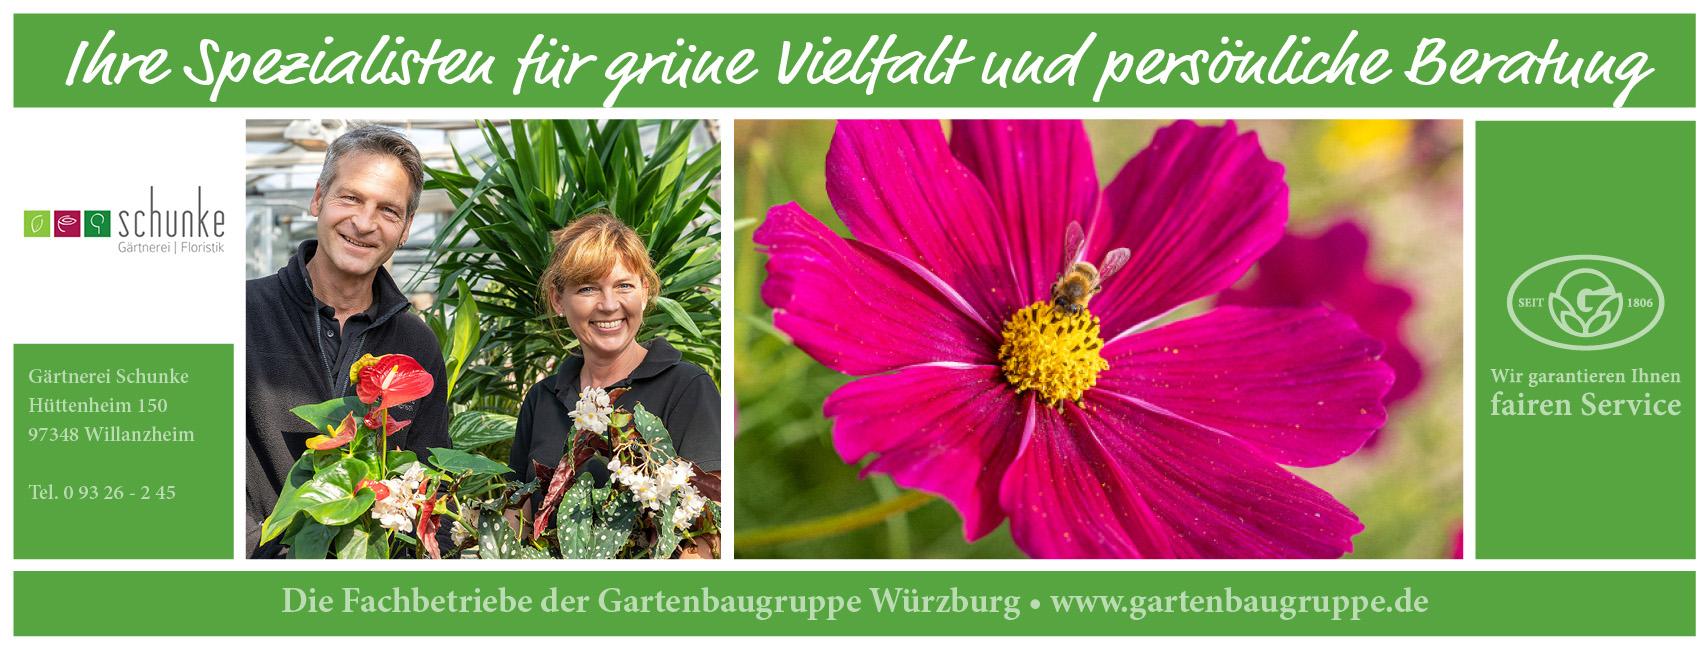 Die Gartenbaugruppe Wuerzburg stellt sich vor: Gärtnerei Schunke